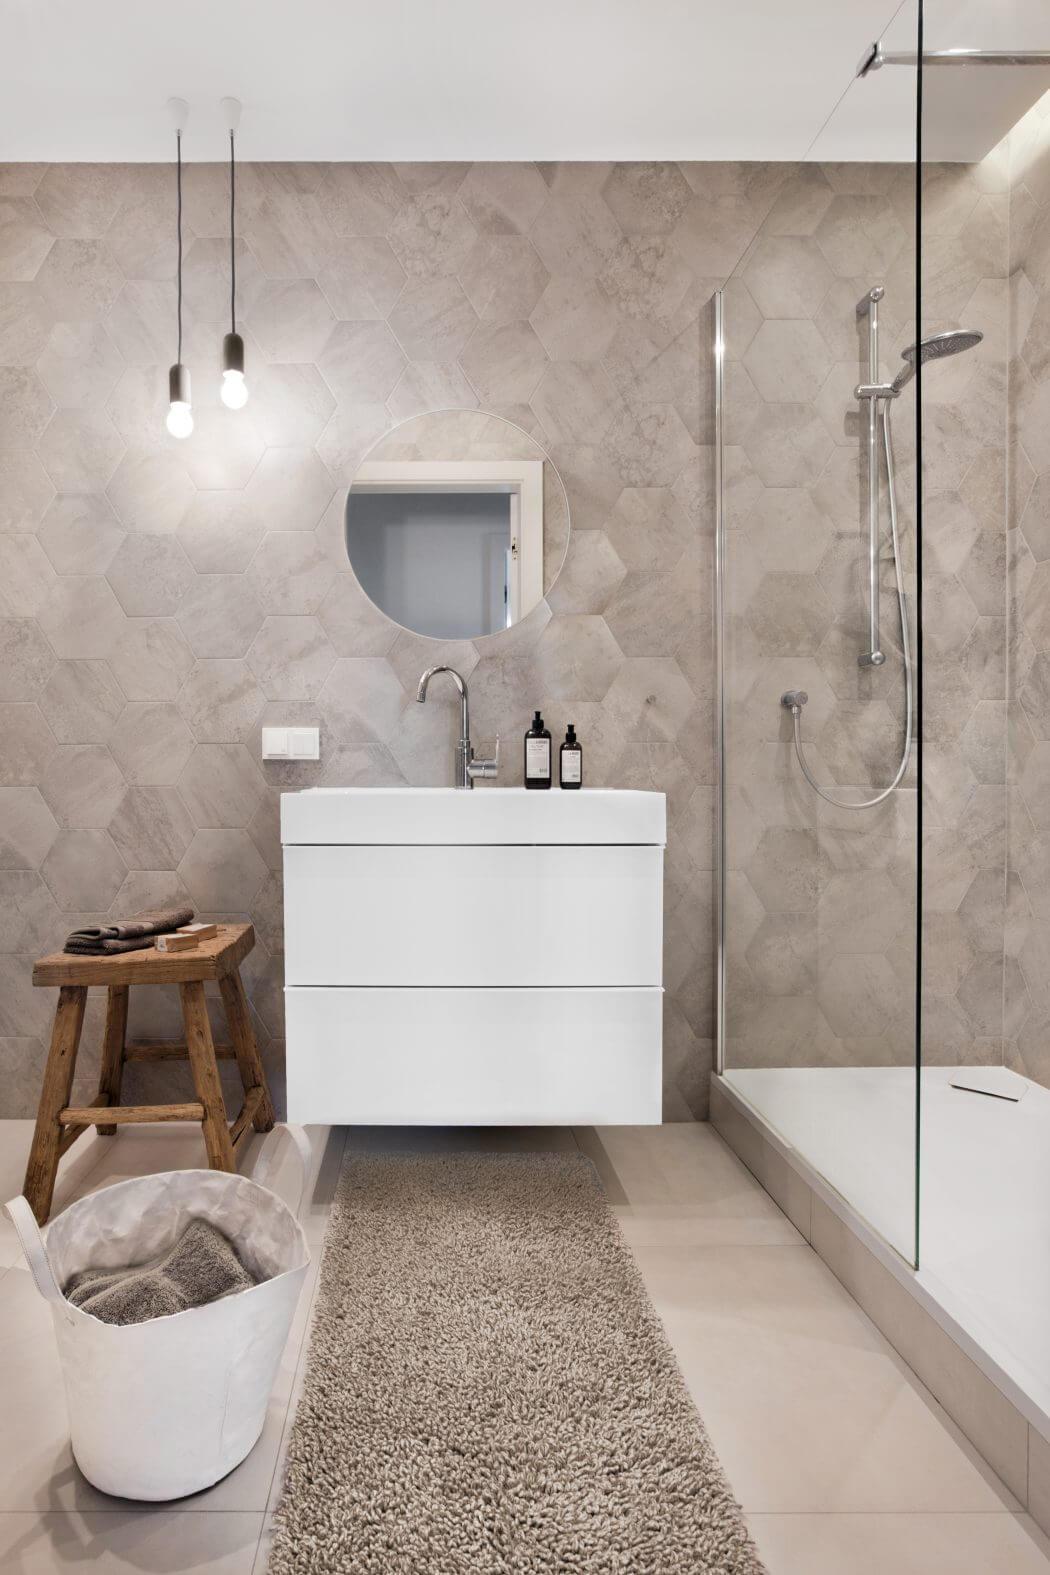 Eigentijdse grijze badkamer - Badkamers voorbeelden